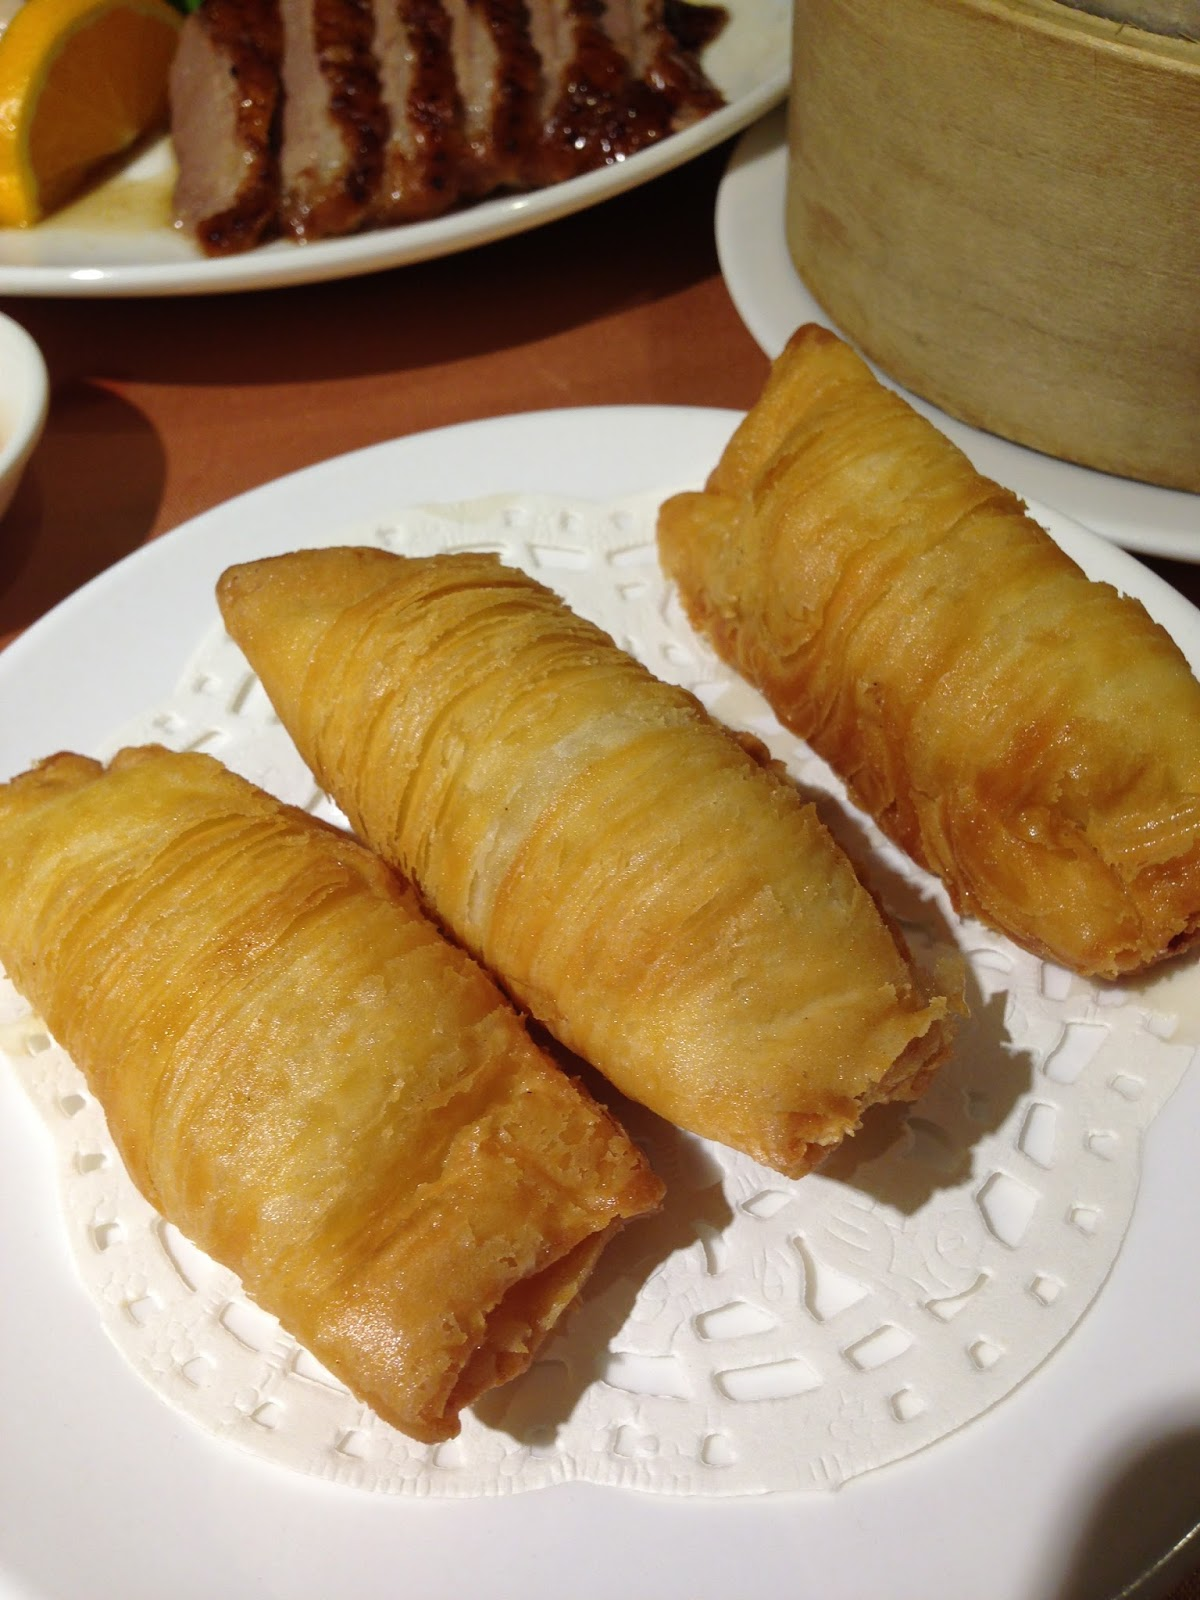 MoVe on 旅食: [臺北] 推薦吉品海鮮餐廳的港式點心. 高檔餐廳的平價選擇~(敦化南路店)